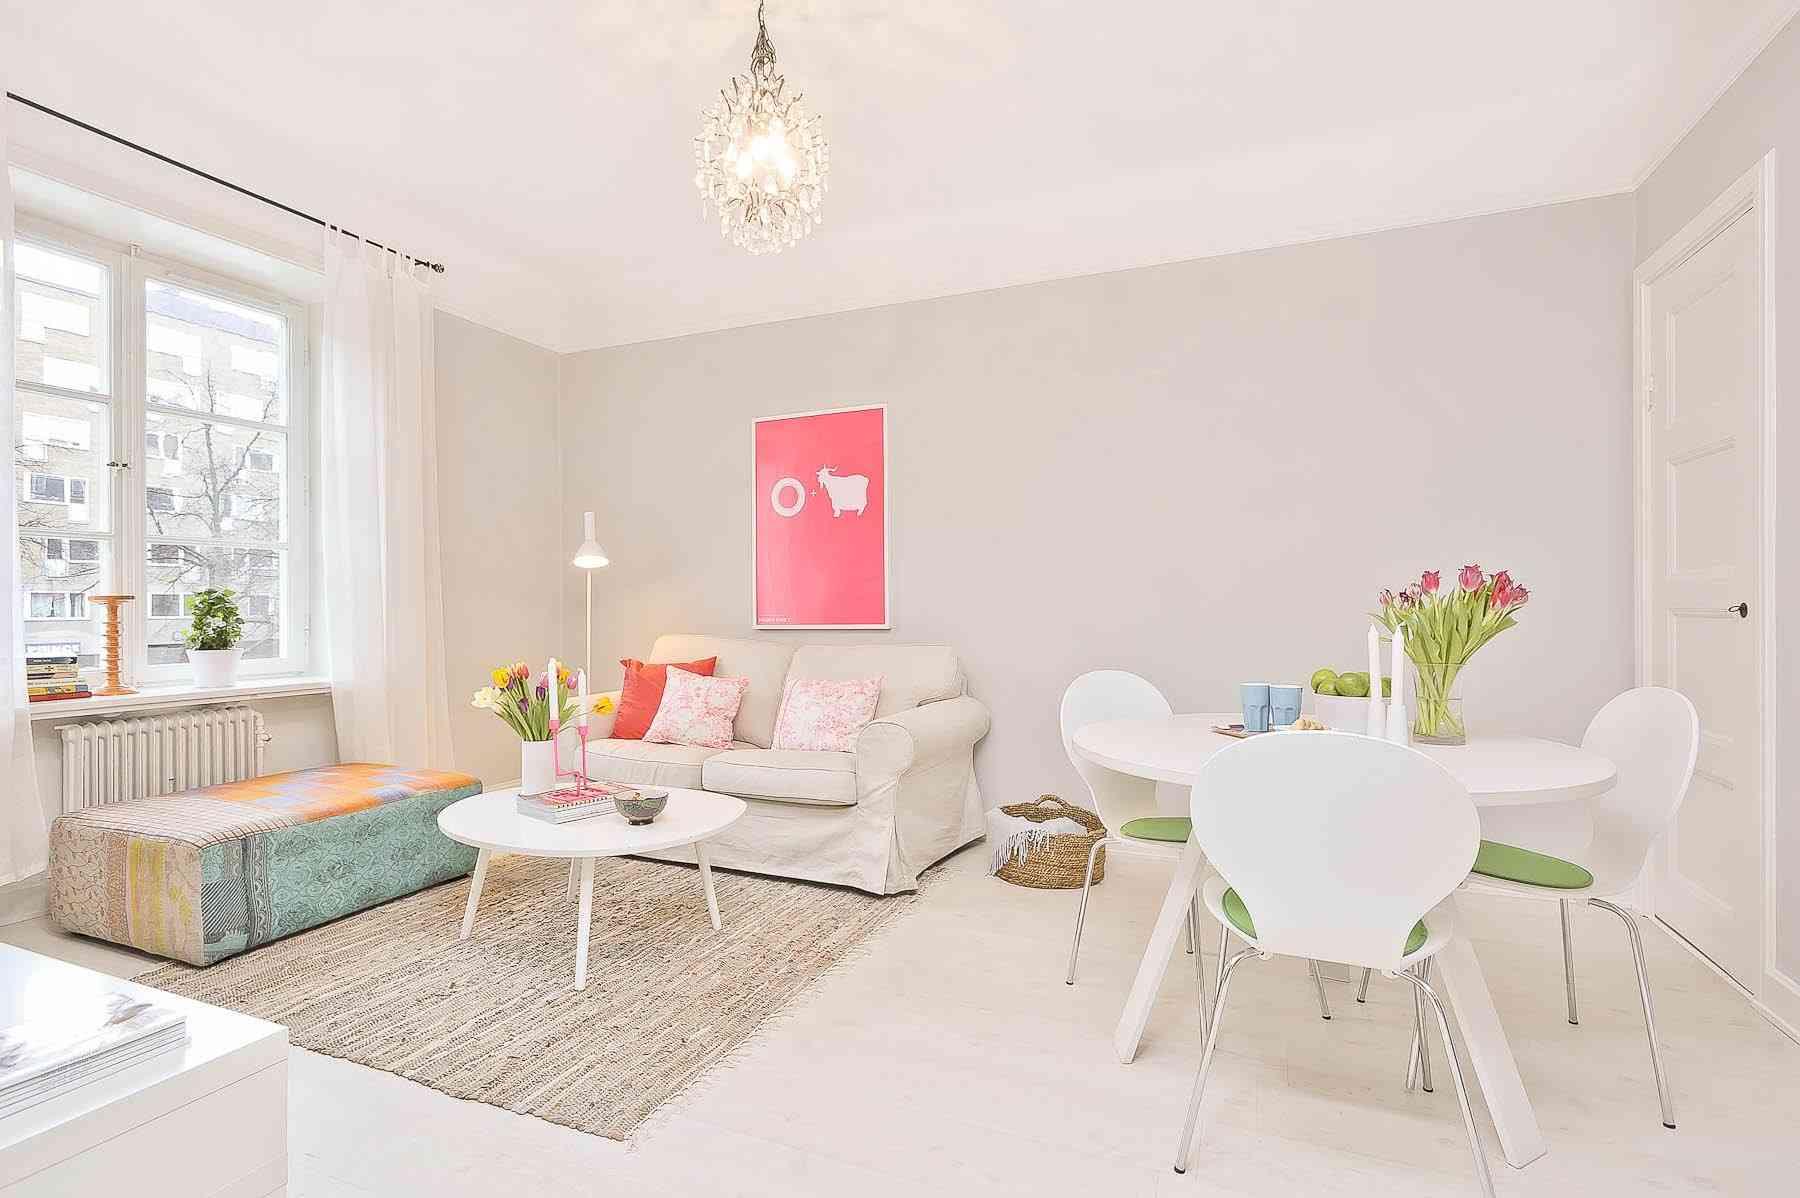 Colores relajantes para la pared decoraci n de - Color marfil en paredes ...